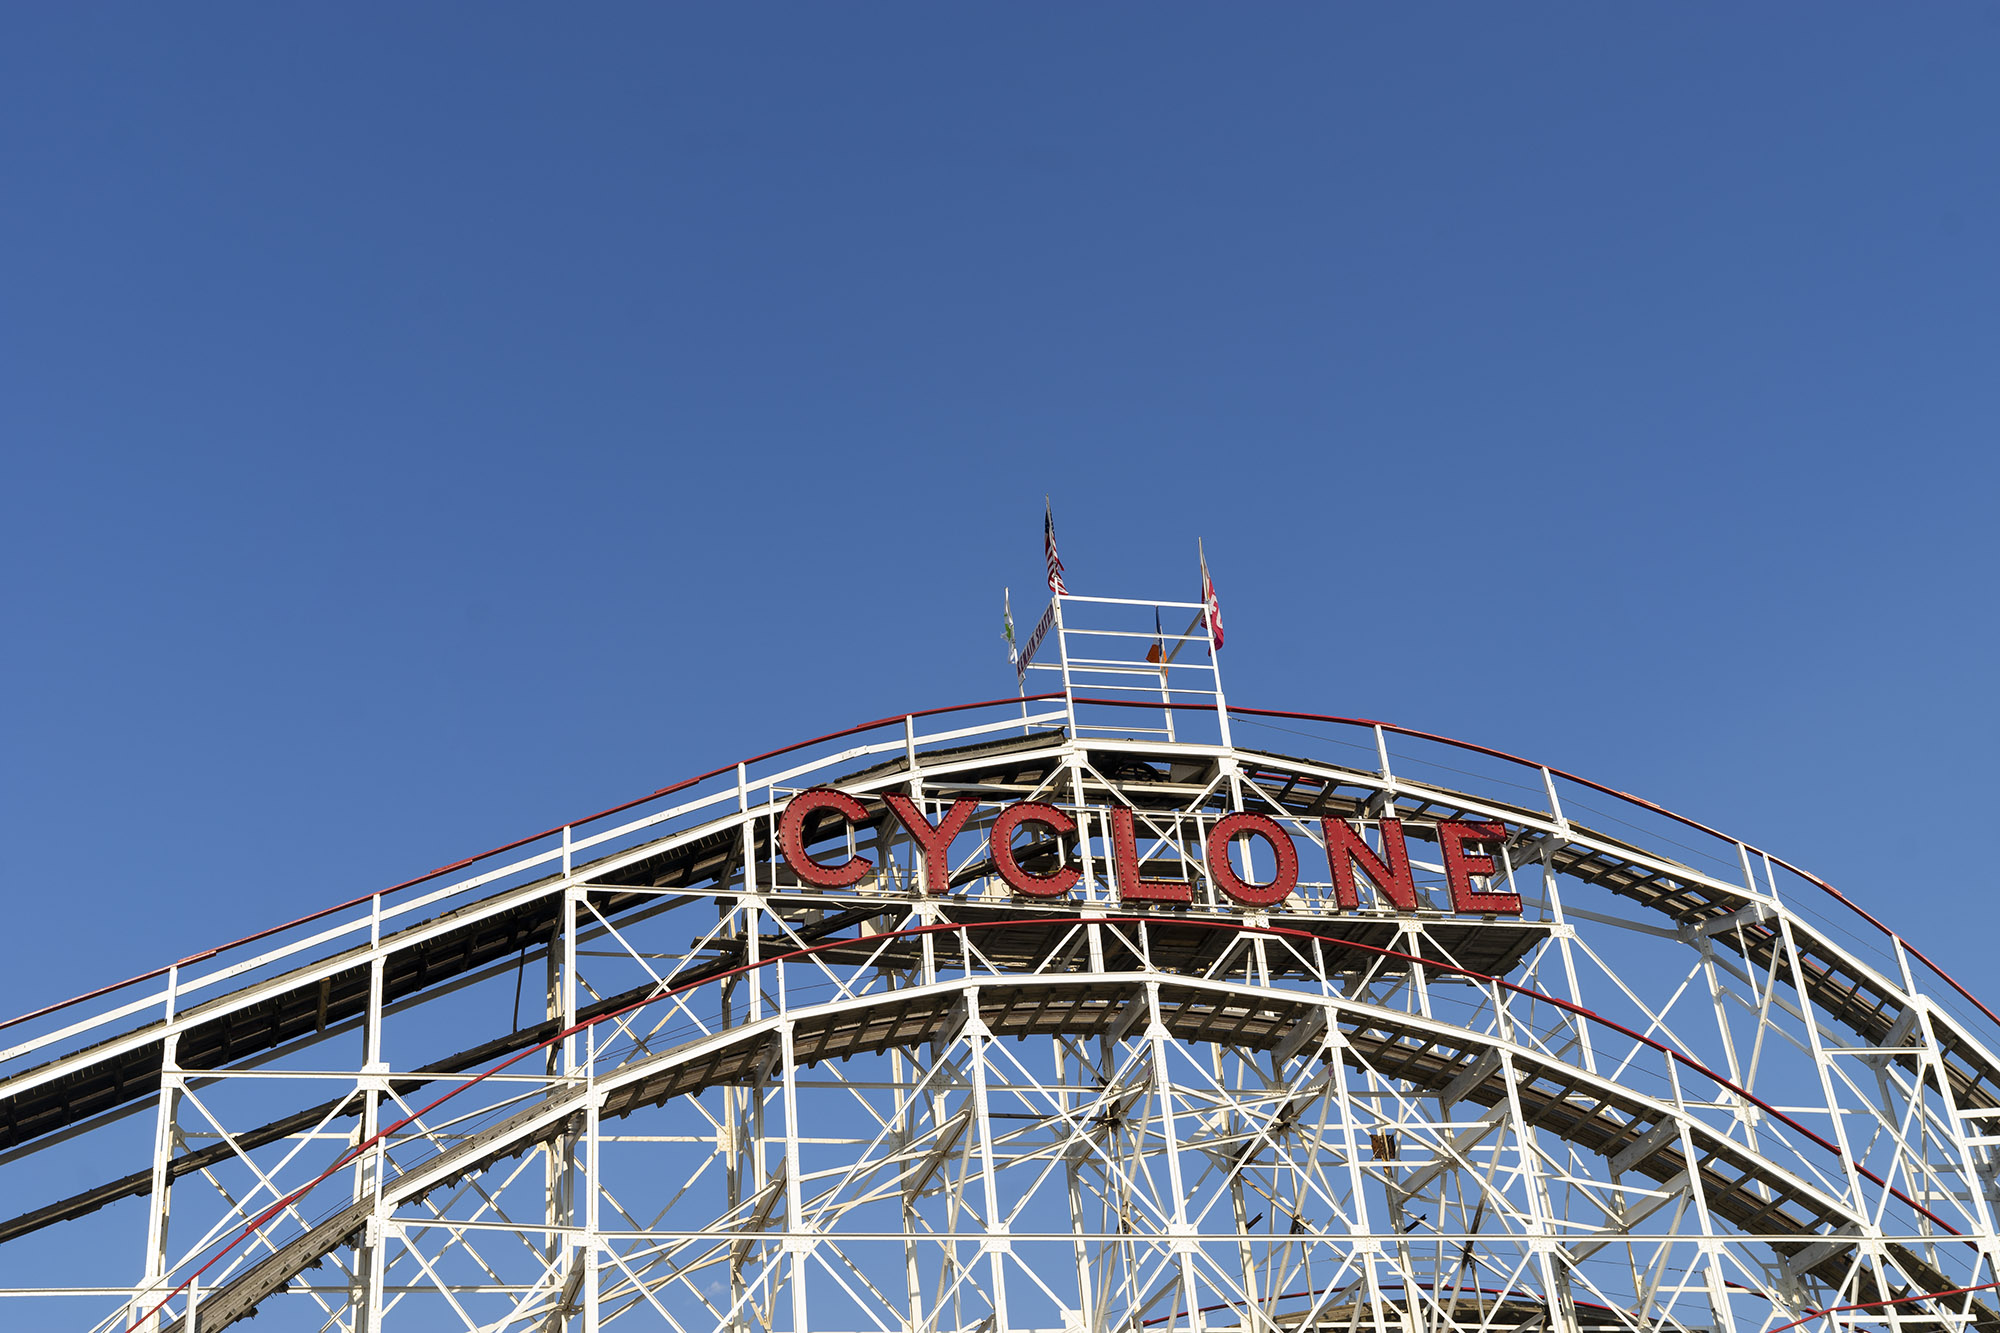 CaballeroCosmica-NewYork-Coney-Island (5).jpg